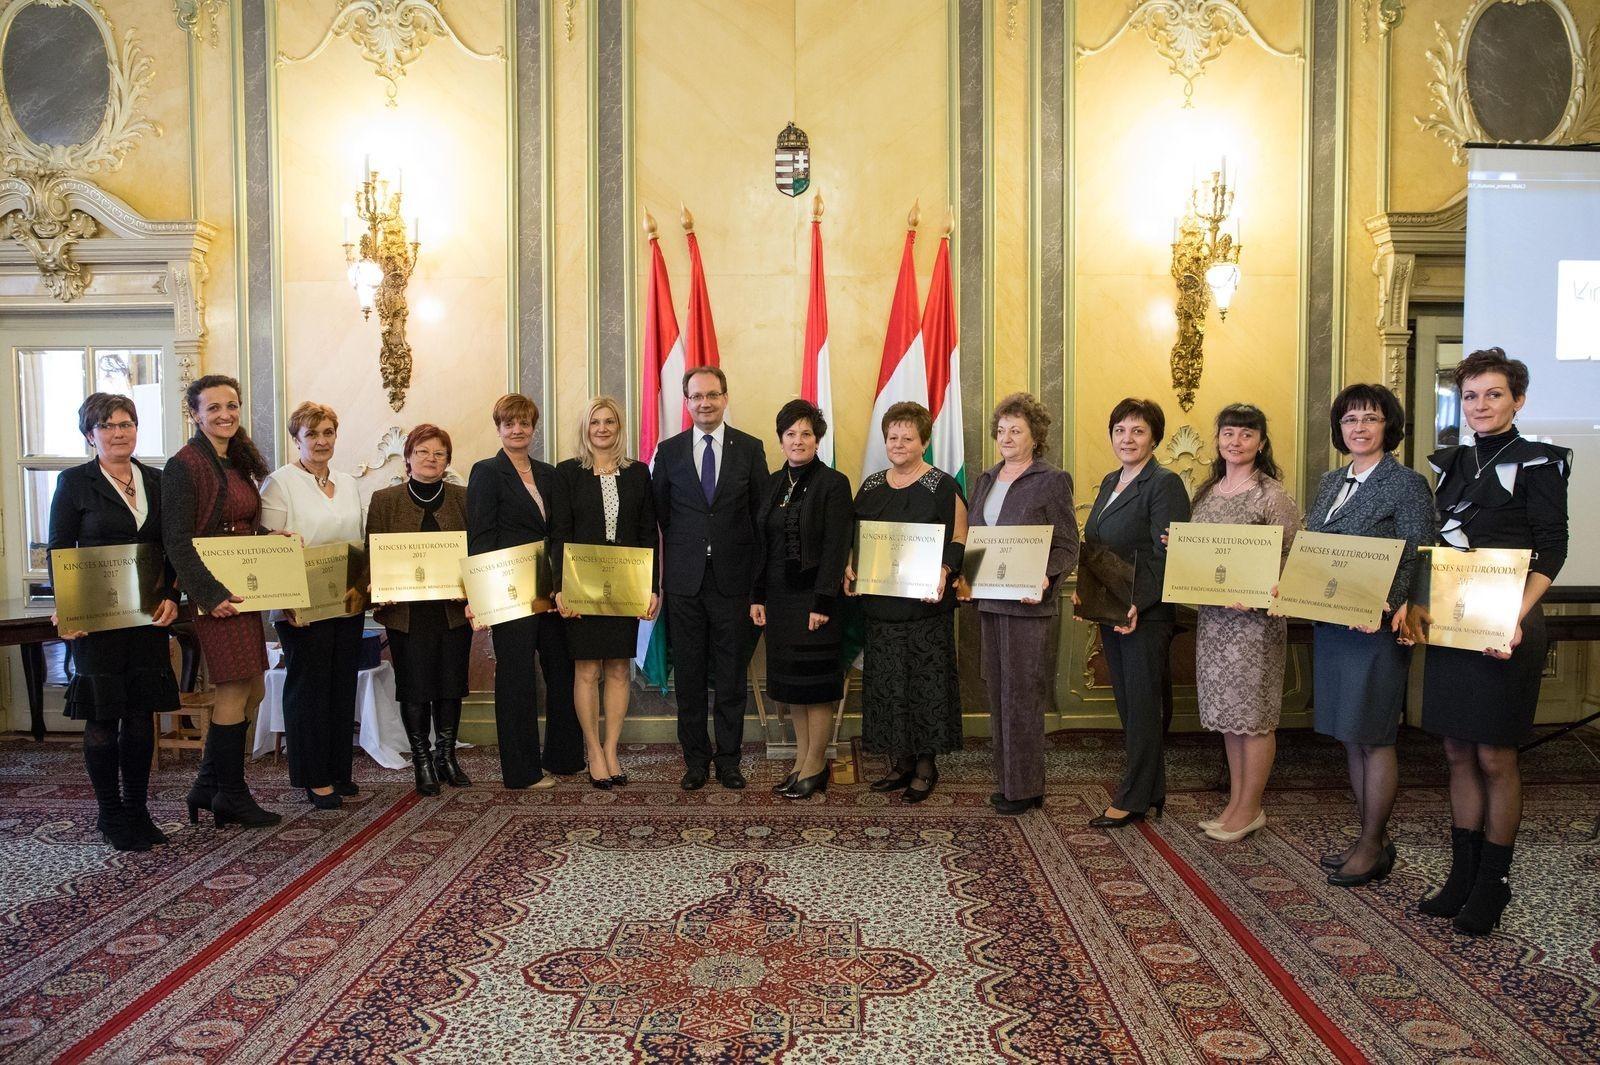 Két baranyai óvoda is elnyerte a Kincses Kultúróvoda 2017 címet